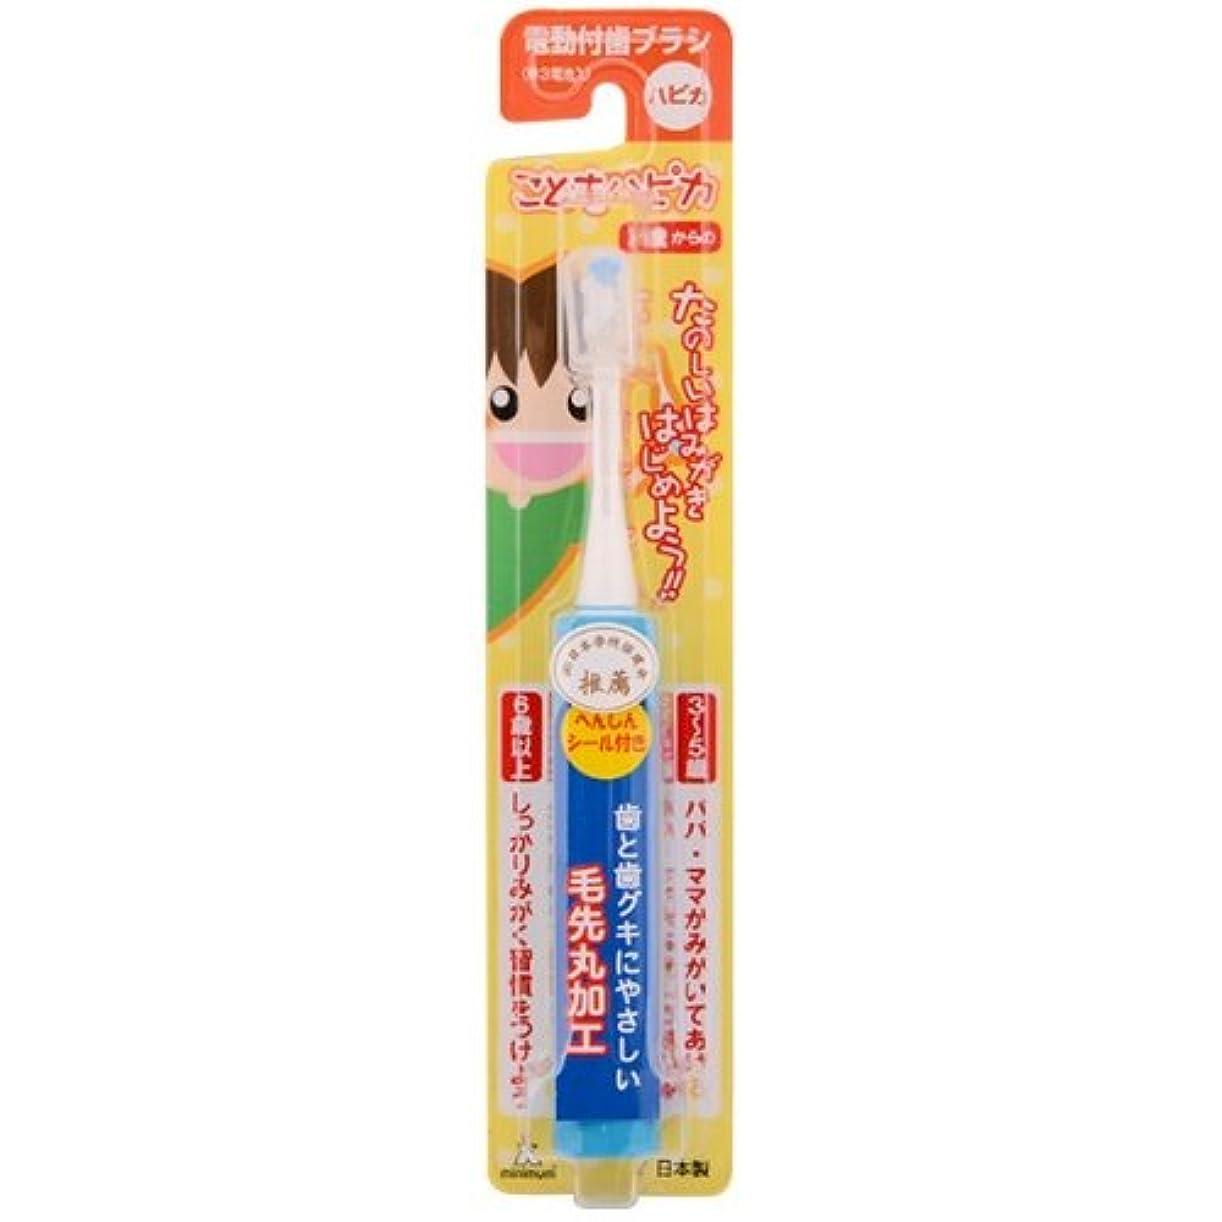 苦痛深さますますミニマム 電動付歯ブラシ こどもハピカ ブルー 毛の硬さ:やわらかめ DBK-1B(BP)